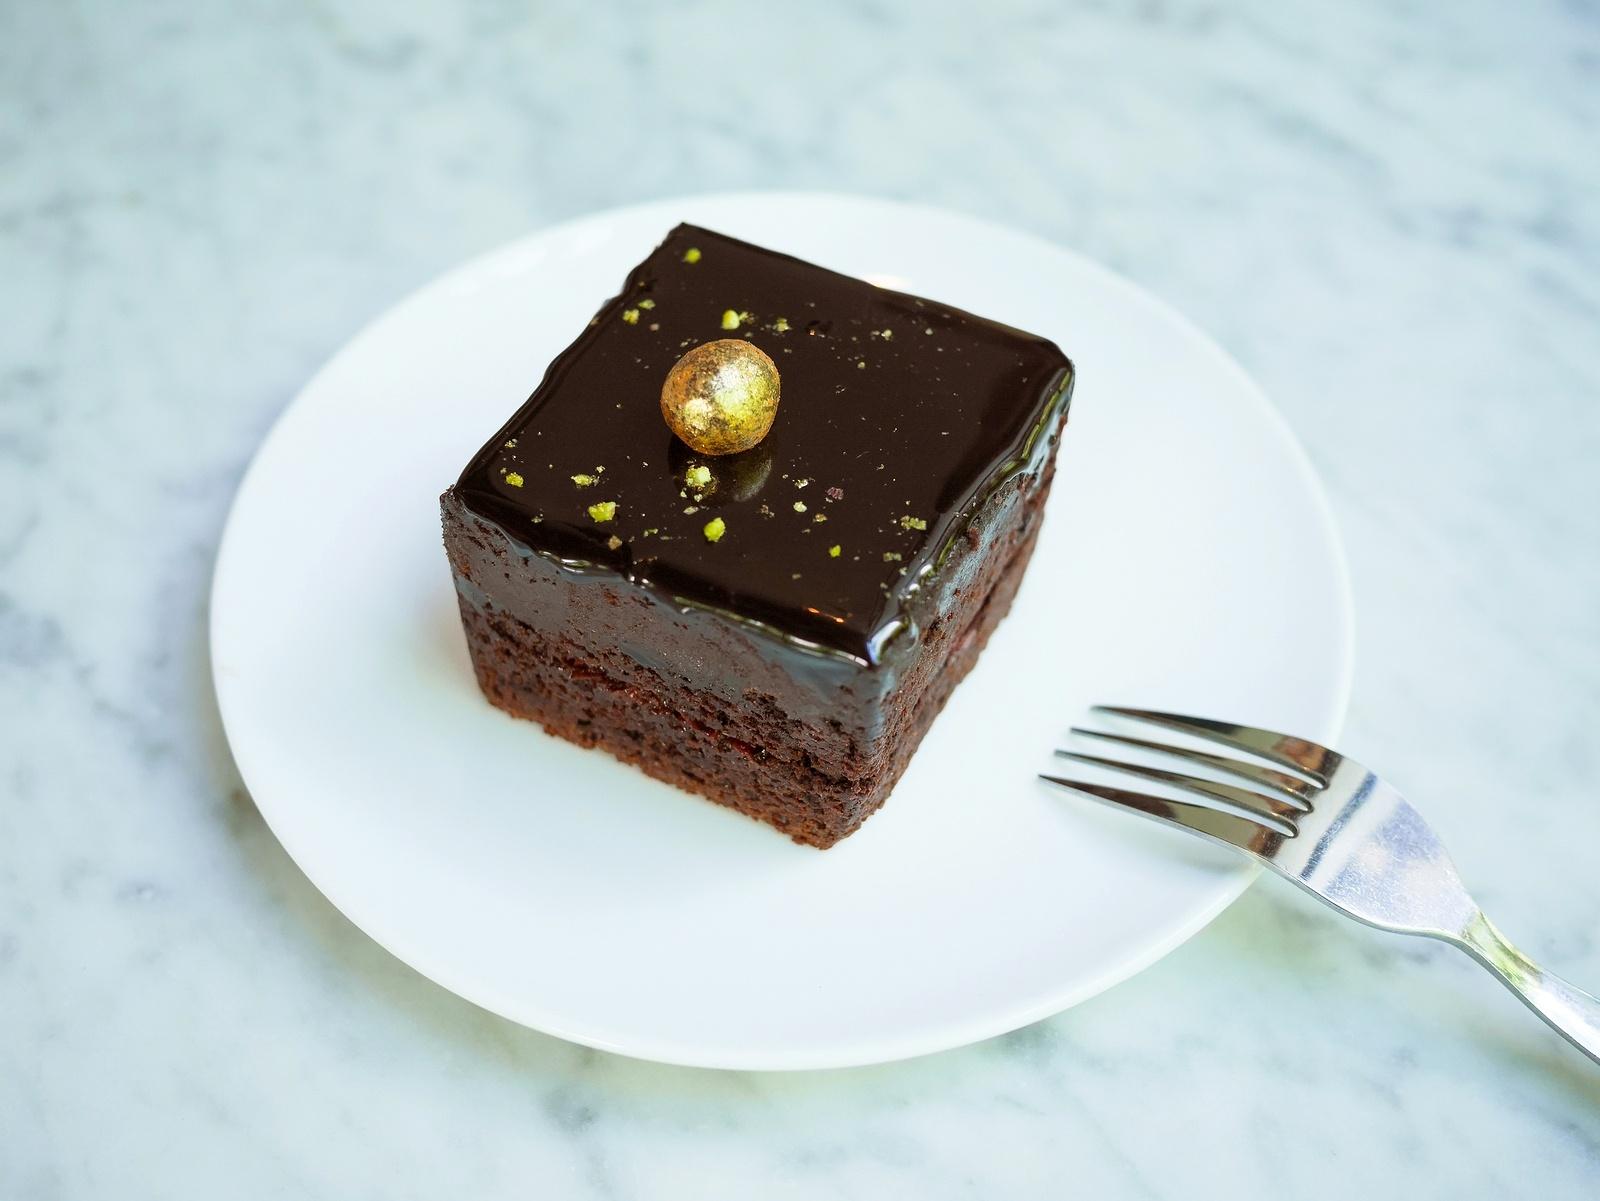 Gâteau au chocolat à la feuille d'or comestible © p_saranya